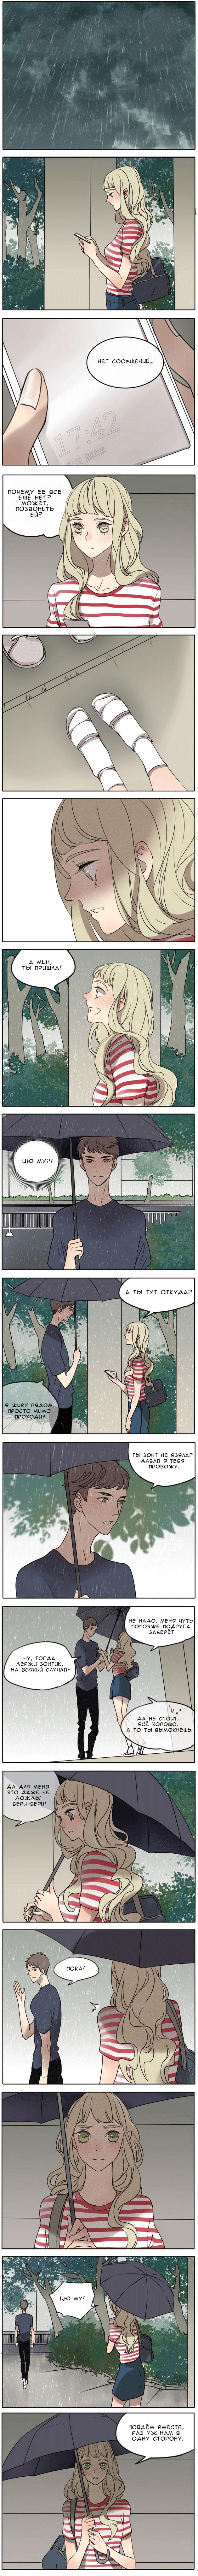 https://r2.ninemanga.com/comics/pic3/20/30804/1331175/1554750975803.png Page 2